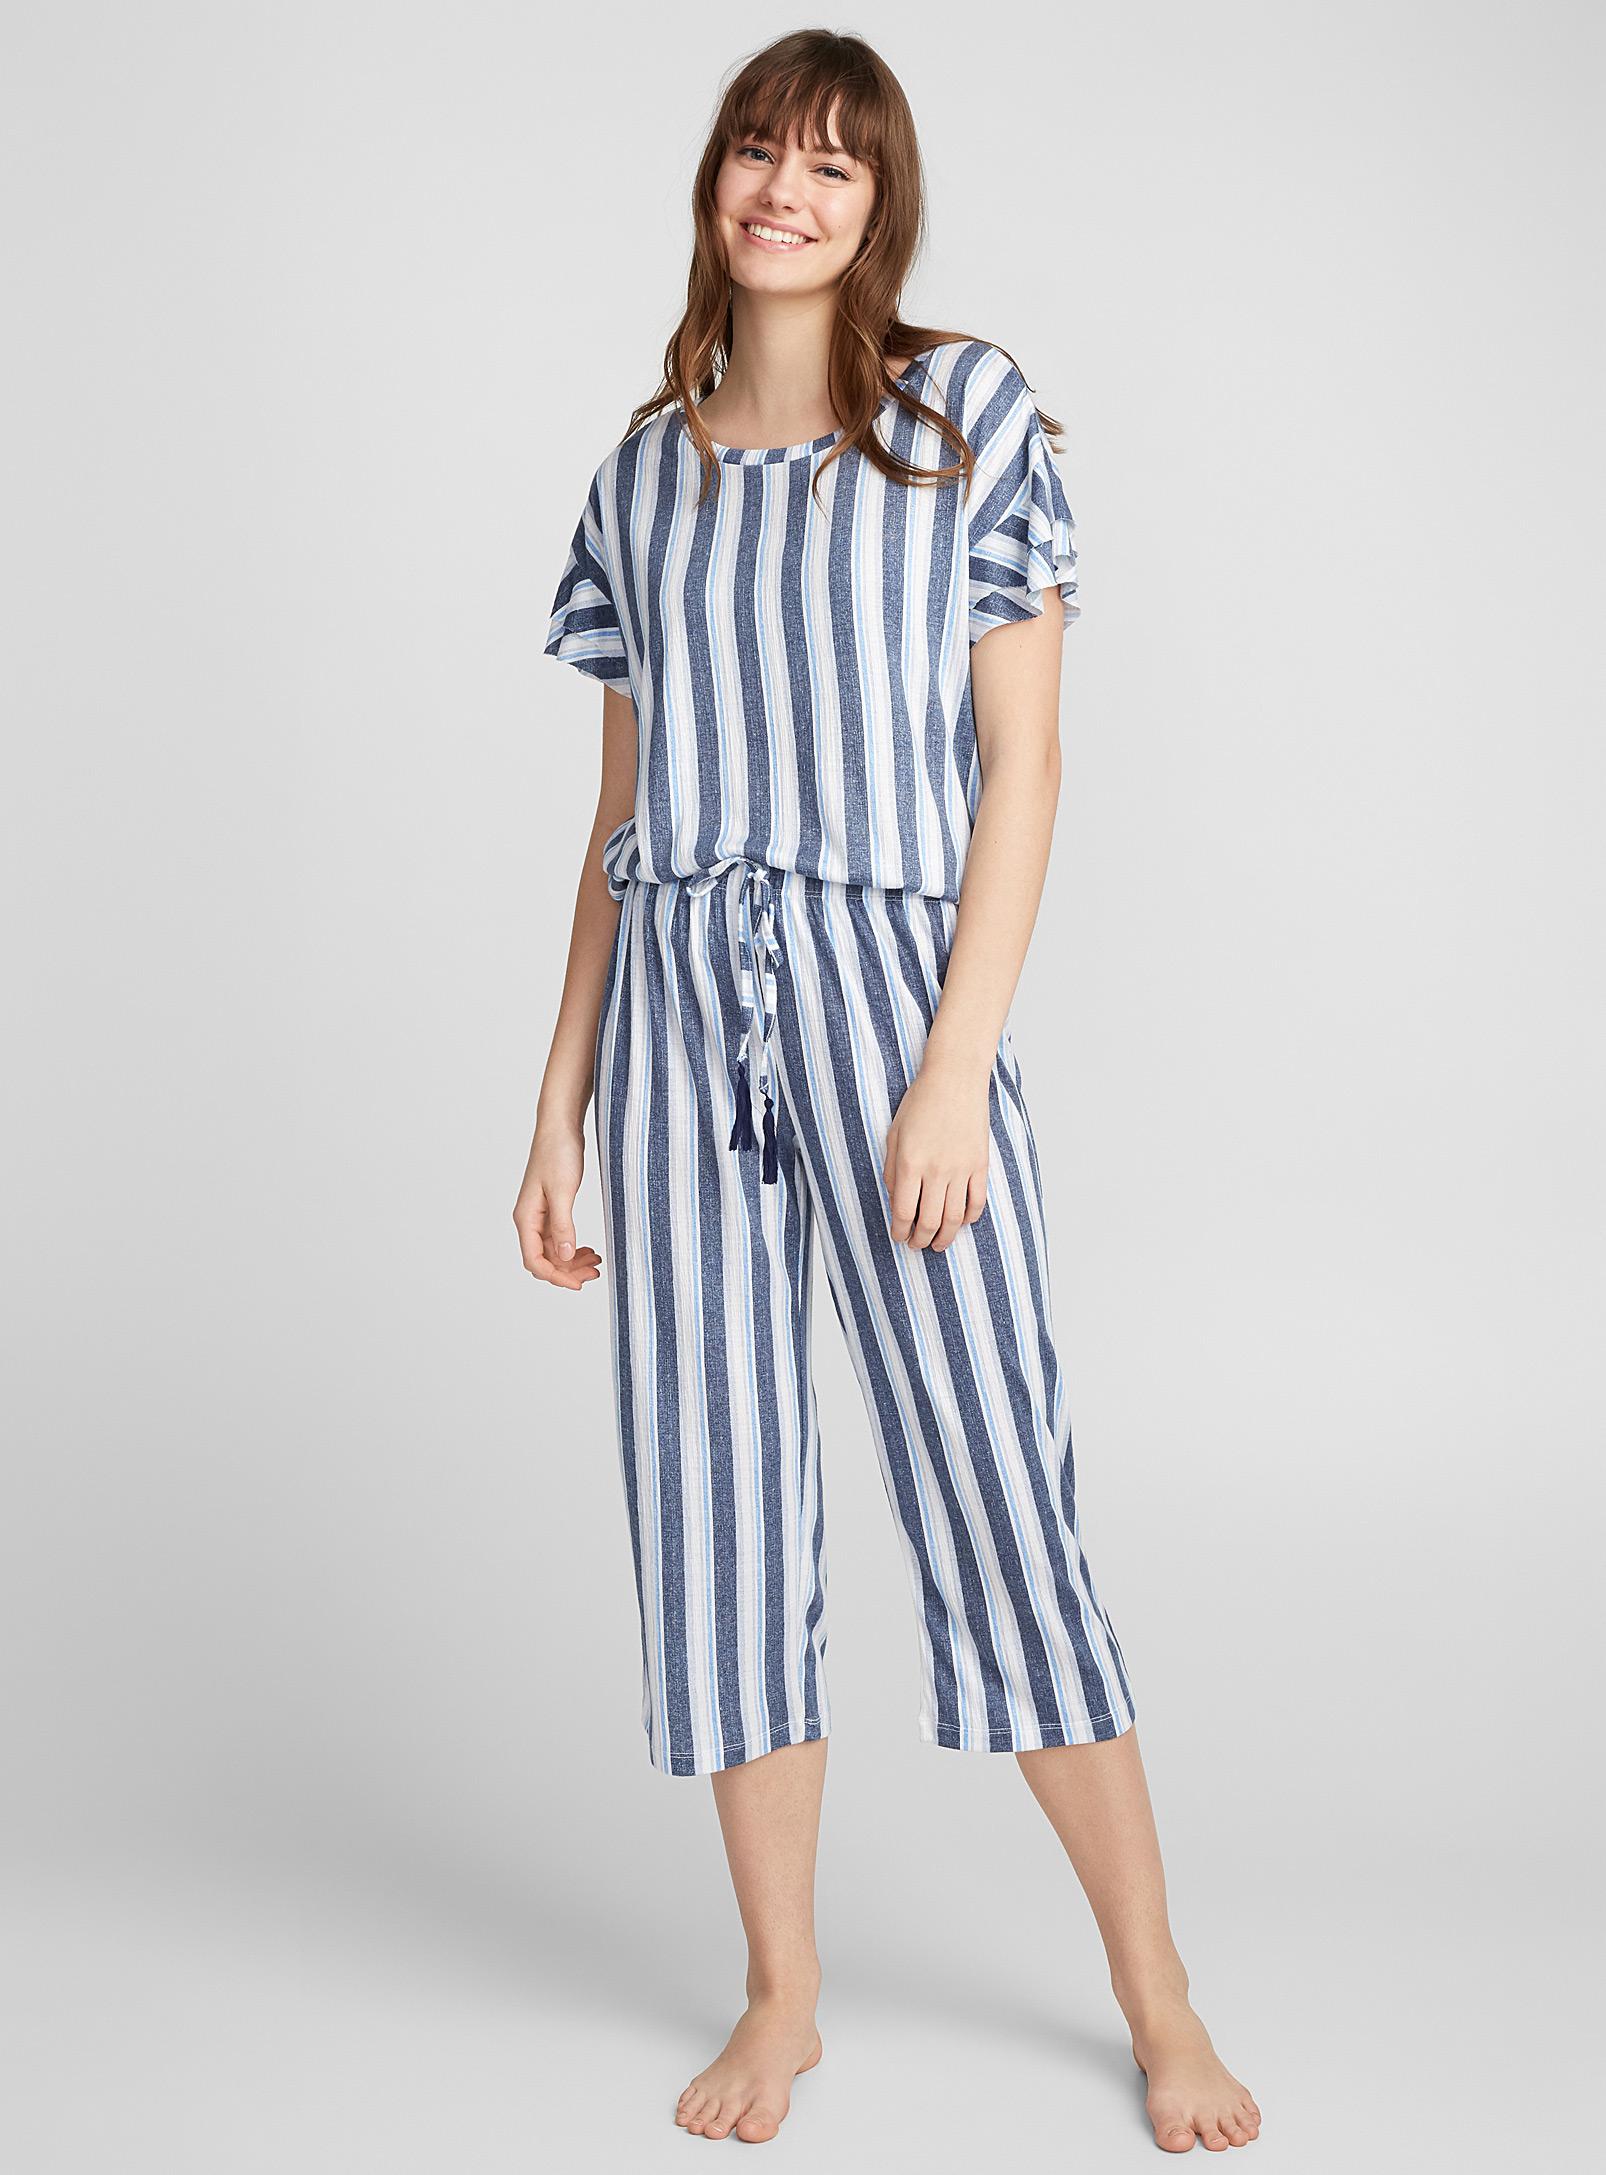 Notre sélection de pyjamas tout sauf ennuyants!